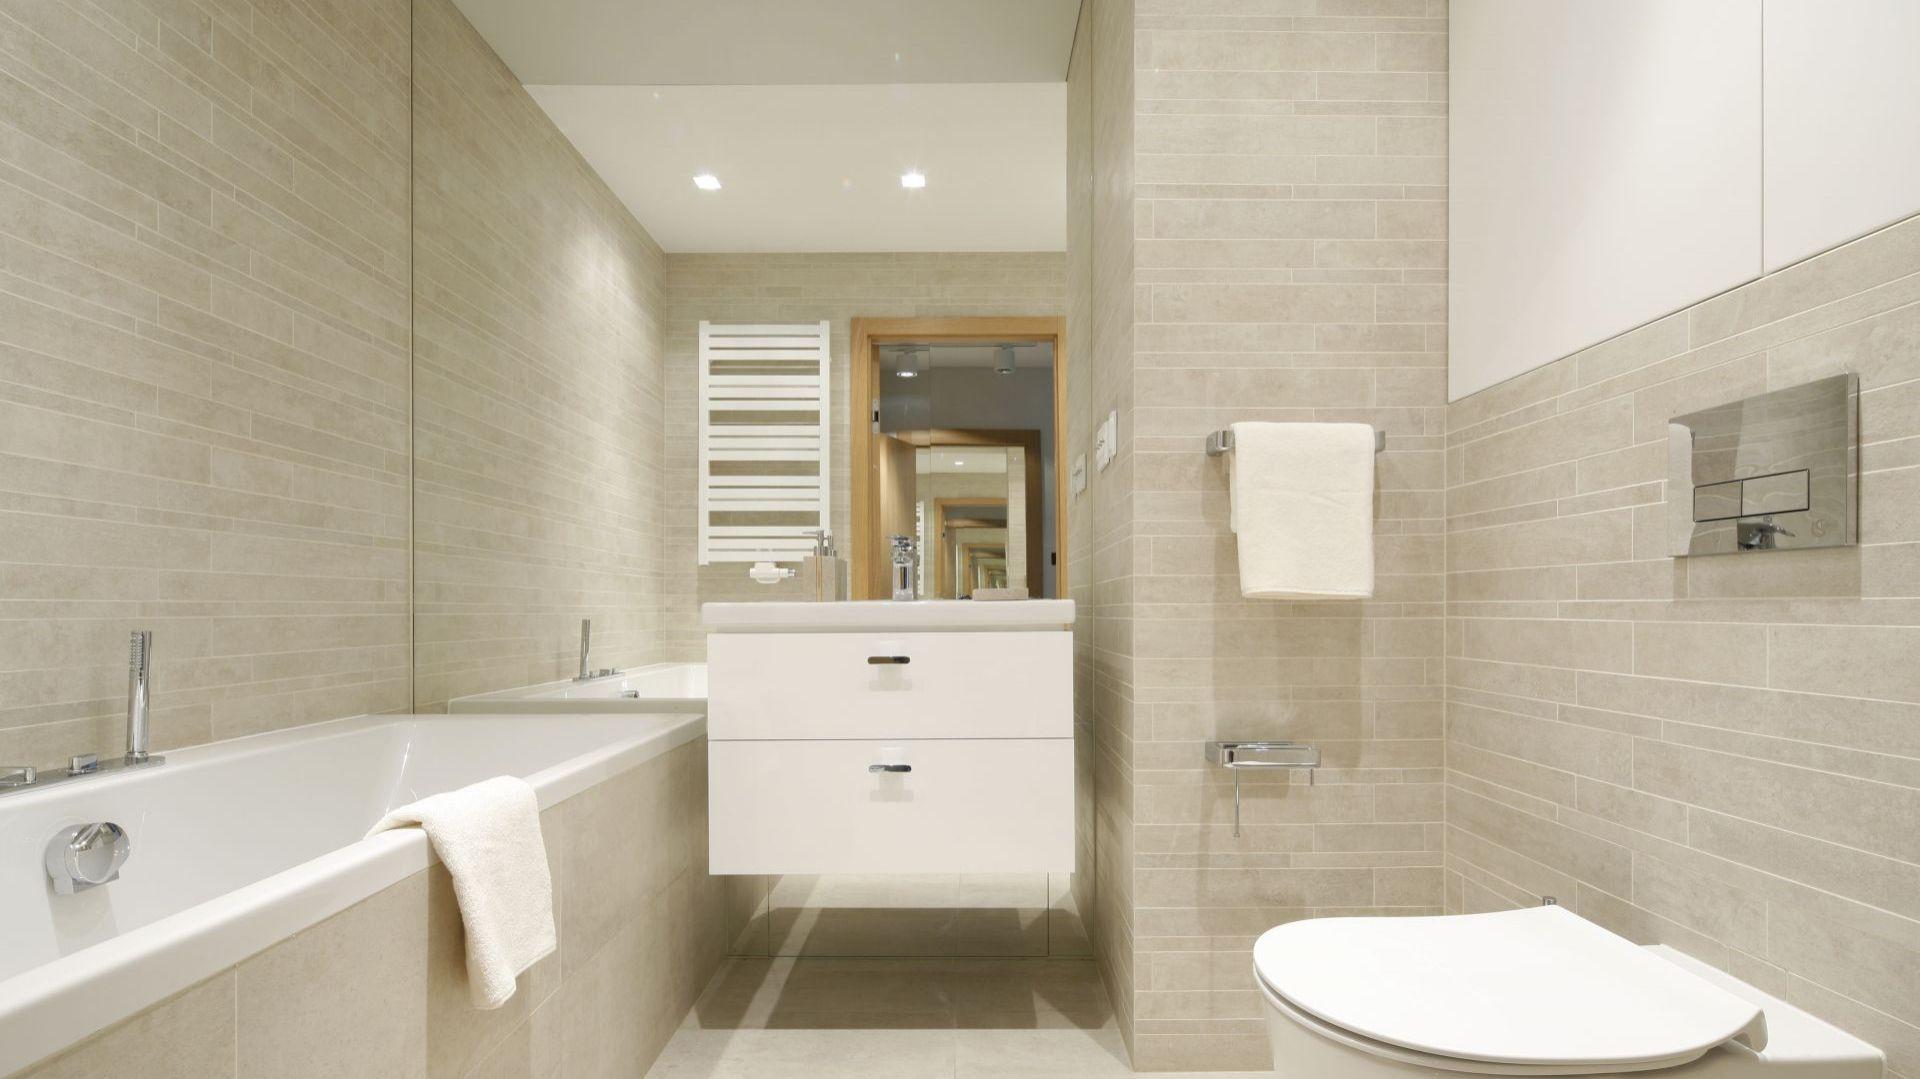 Podstawowe zasady obowiązujące przy urządzaniu małych łazienek to: jasne kolory, gładkie, odbijające światło powierzchnie i duże formaty. Projekt: Katarzyna Uszok. Fot. Bartosz Jarosz